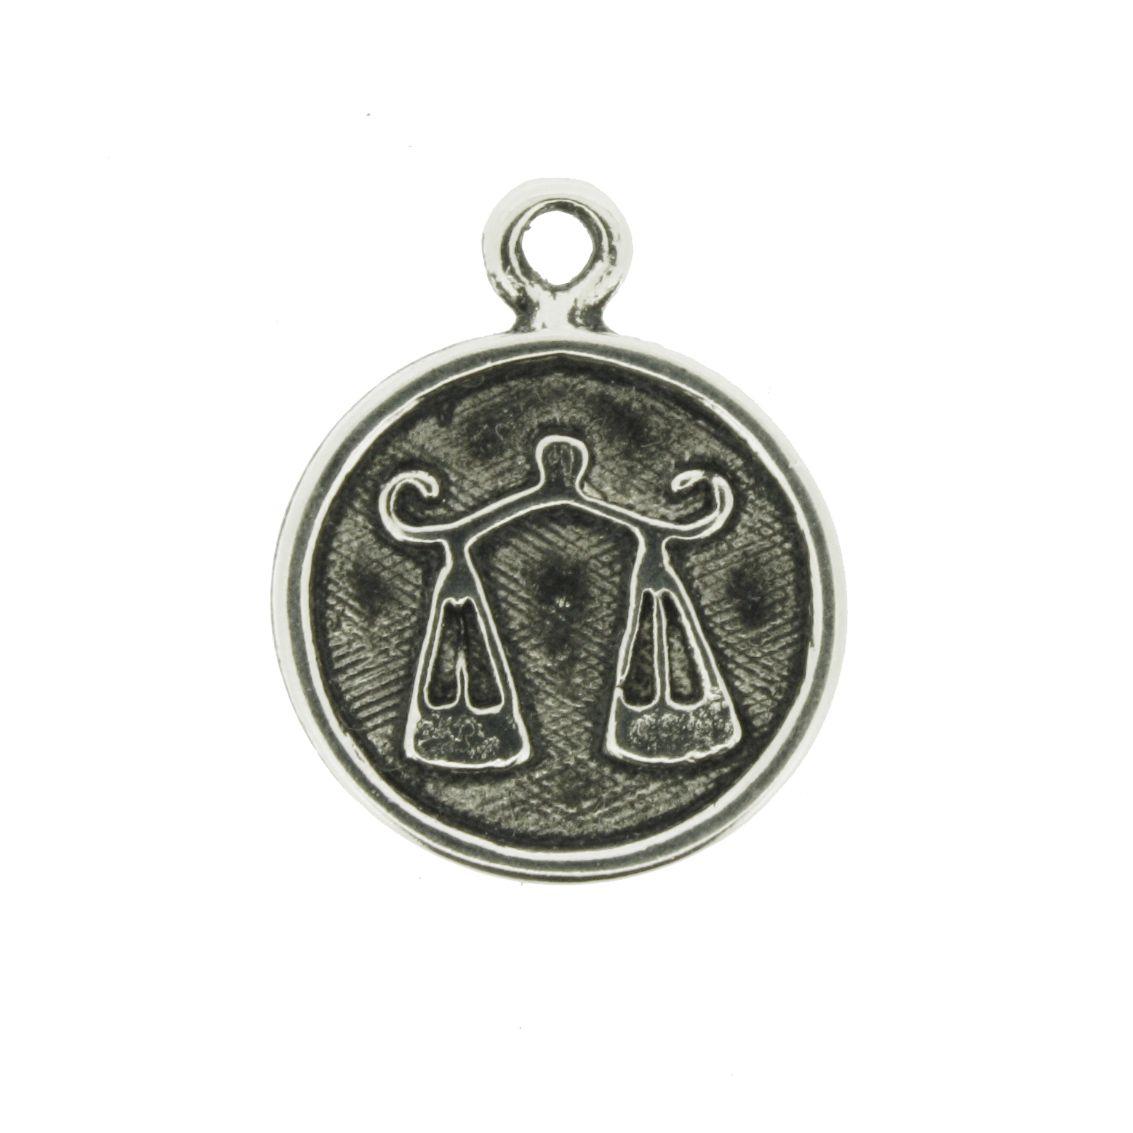 Pingente - Signo Libra - 21mm  - Universo Religioso® - Artigos de Umbanda e Candomblé